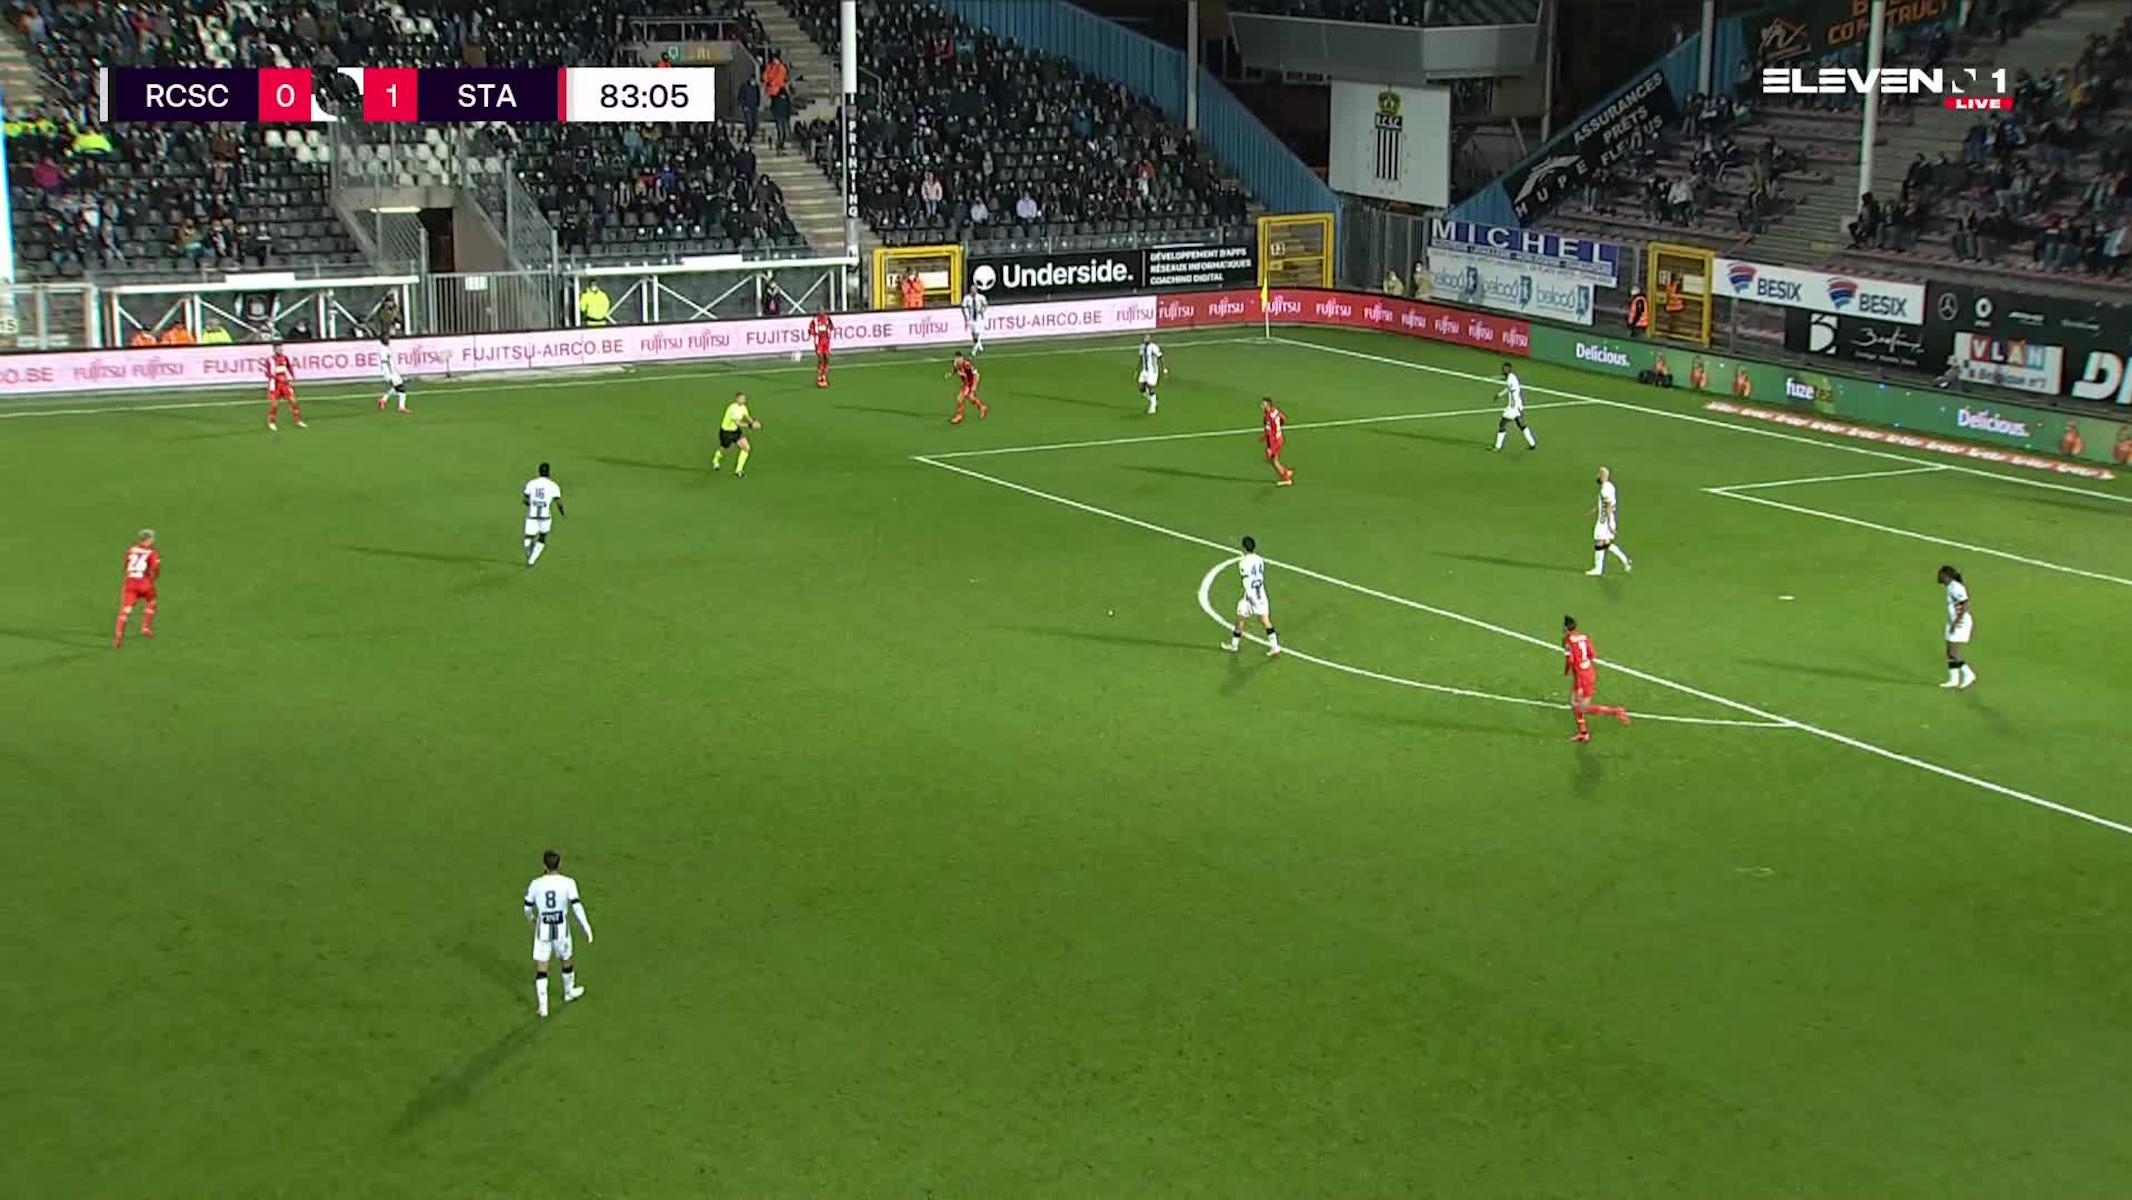 Doelpunt Nicolas Raskin (Sporting Charleroi vs. Standard de Liège)